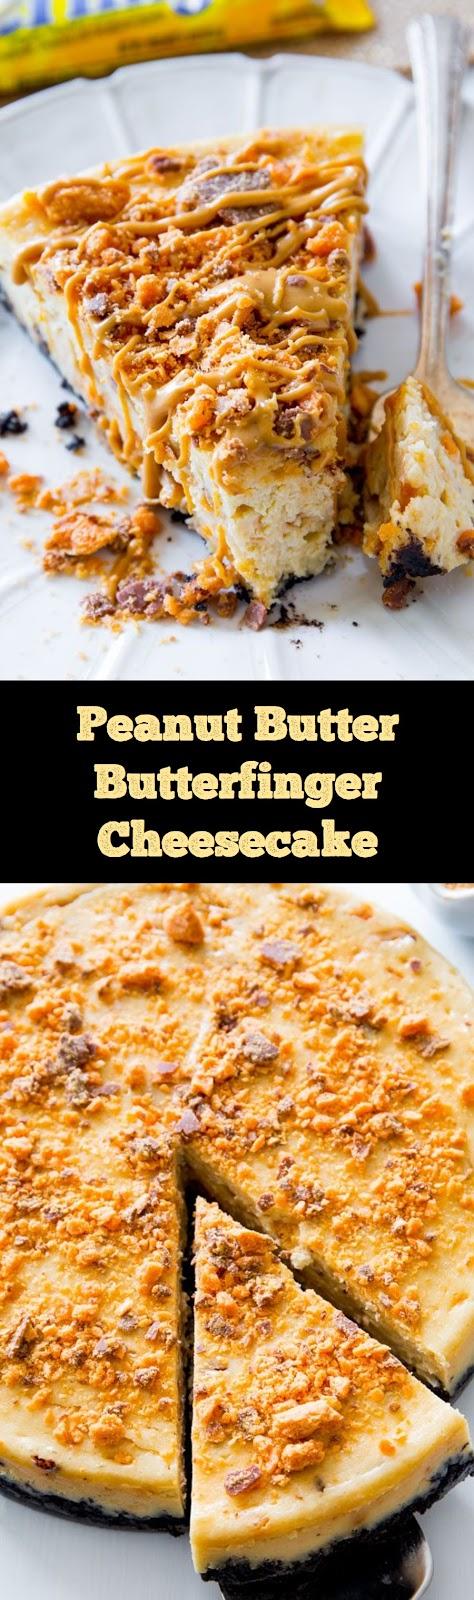 Peanut Butter Butterfinger Cheesecake